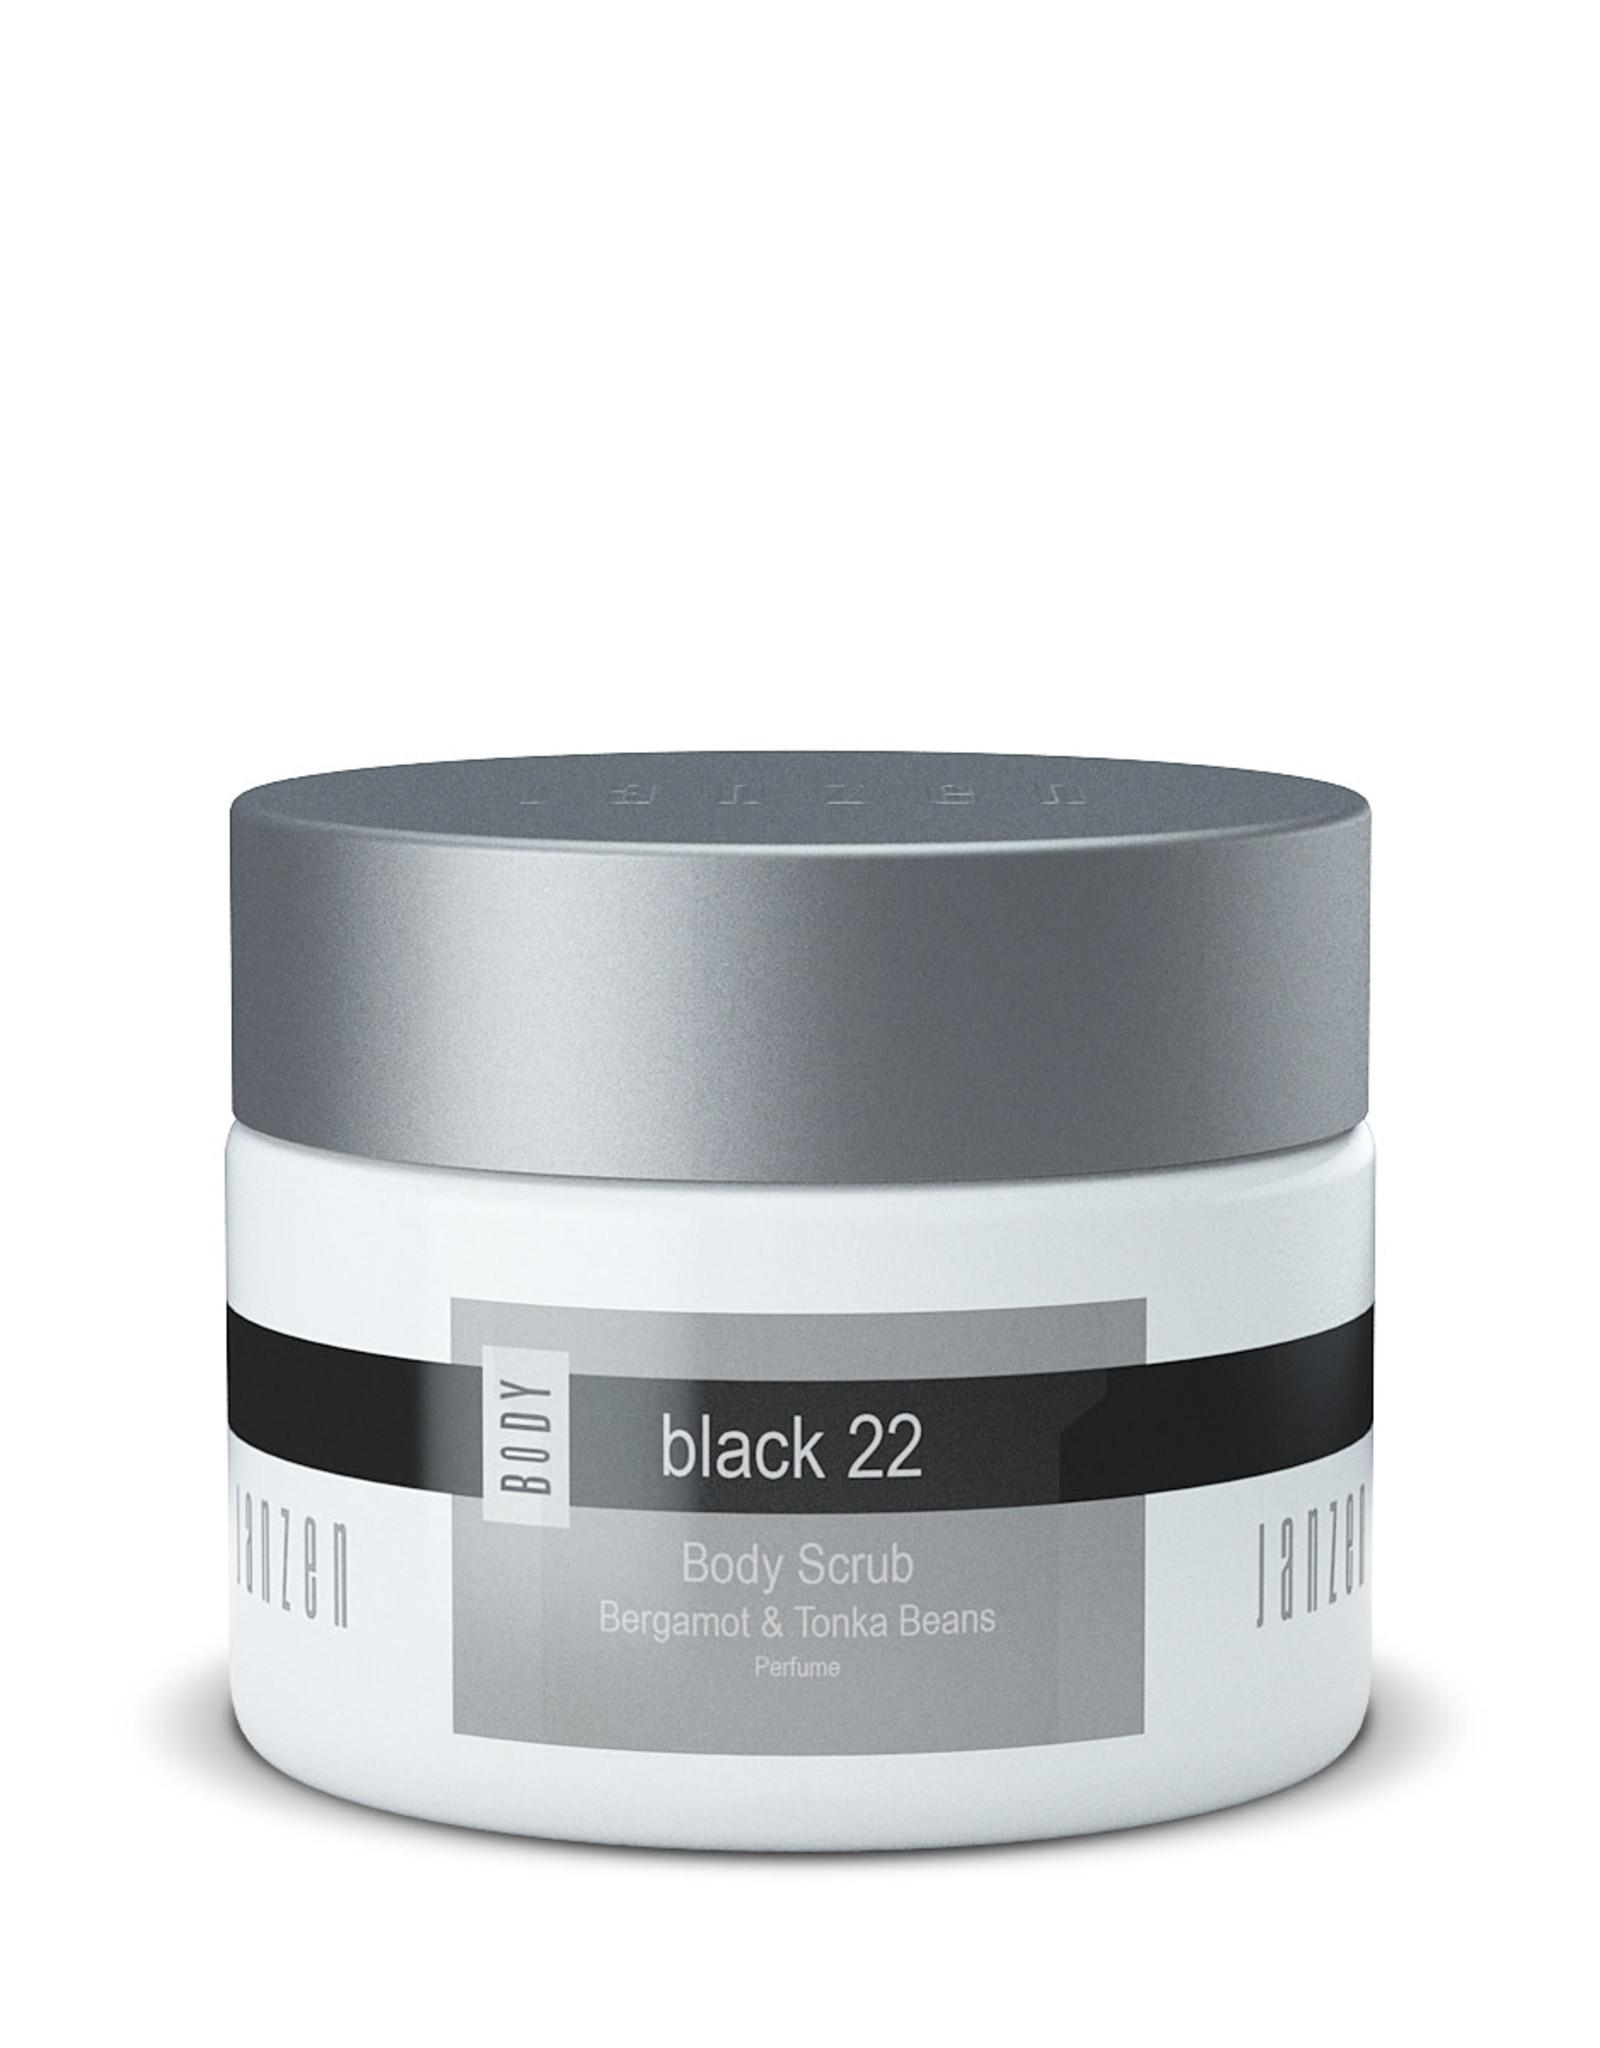 JANZEN Body Scrub Black 22 420gr - JANZEN